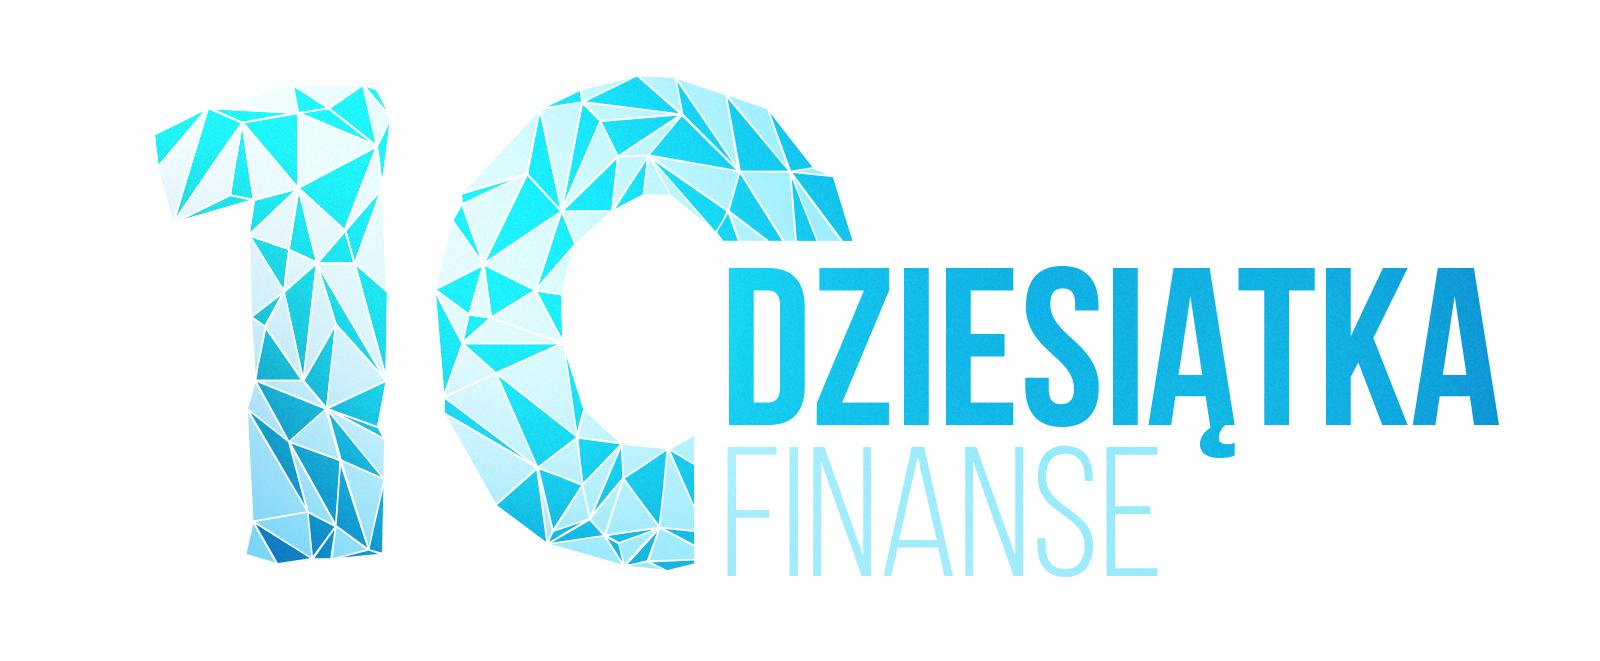 Polnischer Kreditgeber Dziesiątka Finanse startet auf Mintos. Bildquelle: dziesiatkafinanse.pl